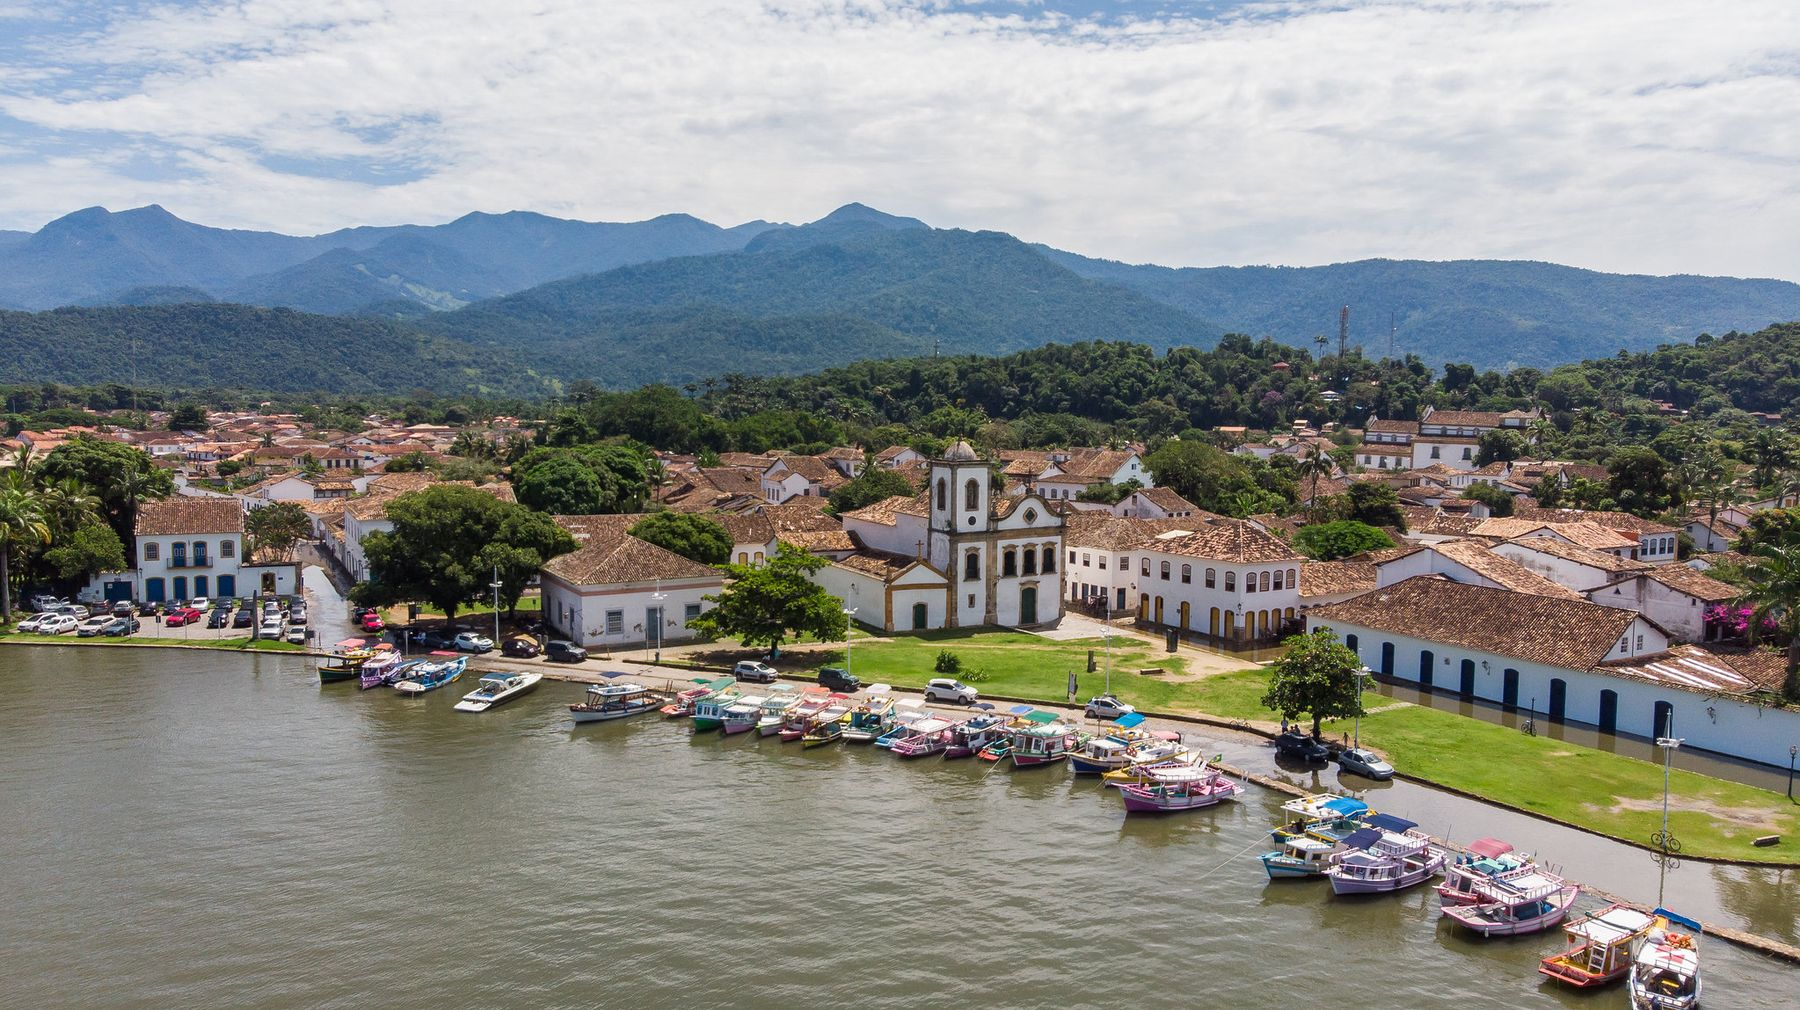 Vista aérea da cidade de Paraty no Rio de Janeiro - cidade pequena com praia considerada uma das mais bonitas do Brasil